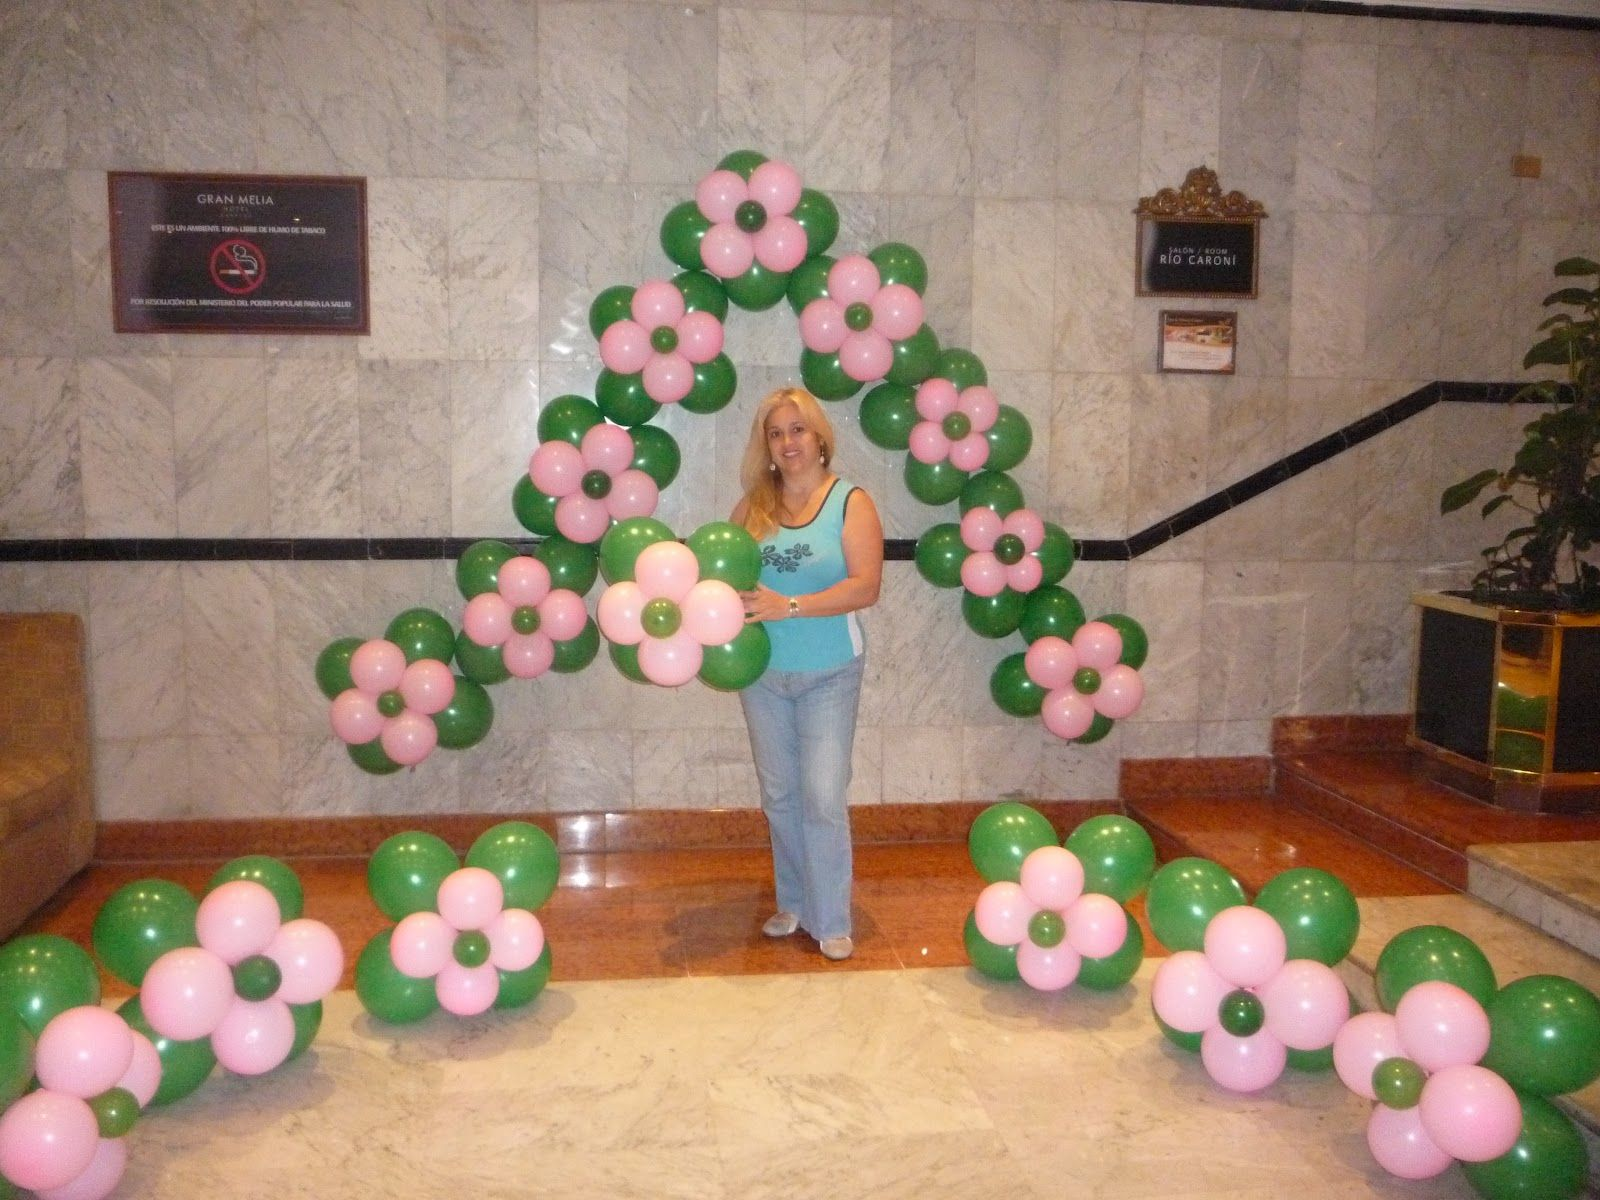 Aprender decoracion con globos curso de decoracion con - Decoracion los angeles ...